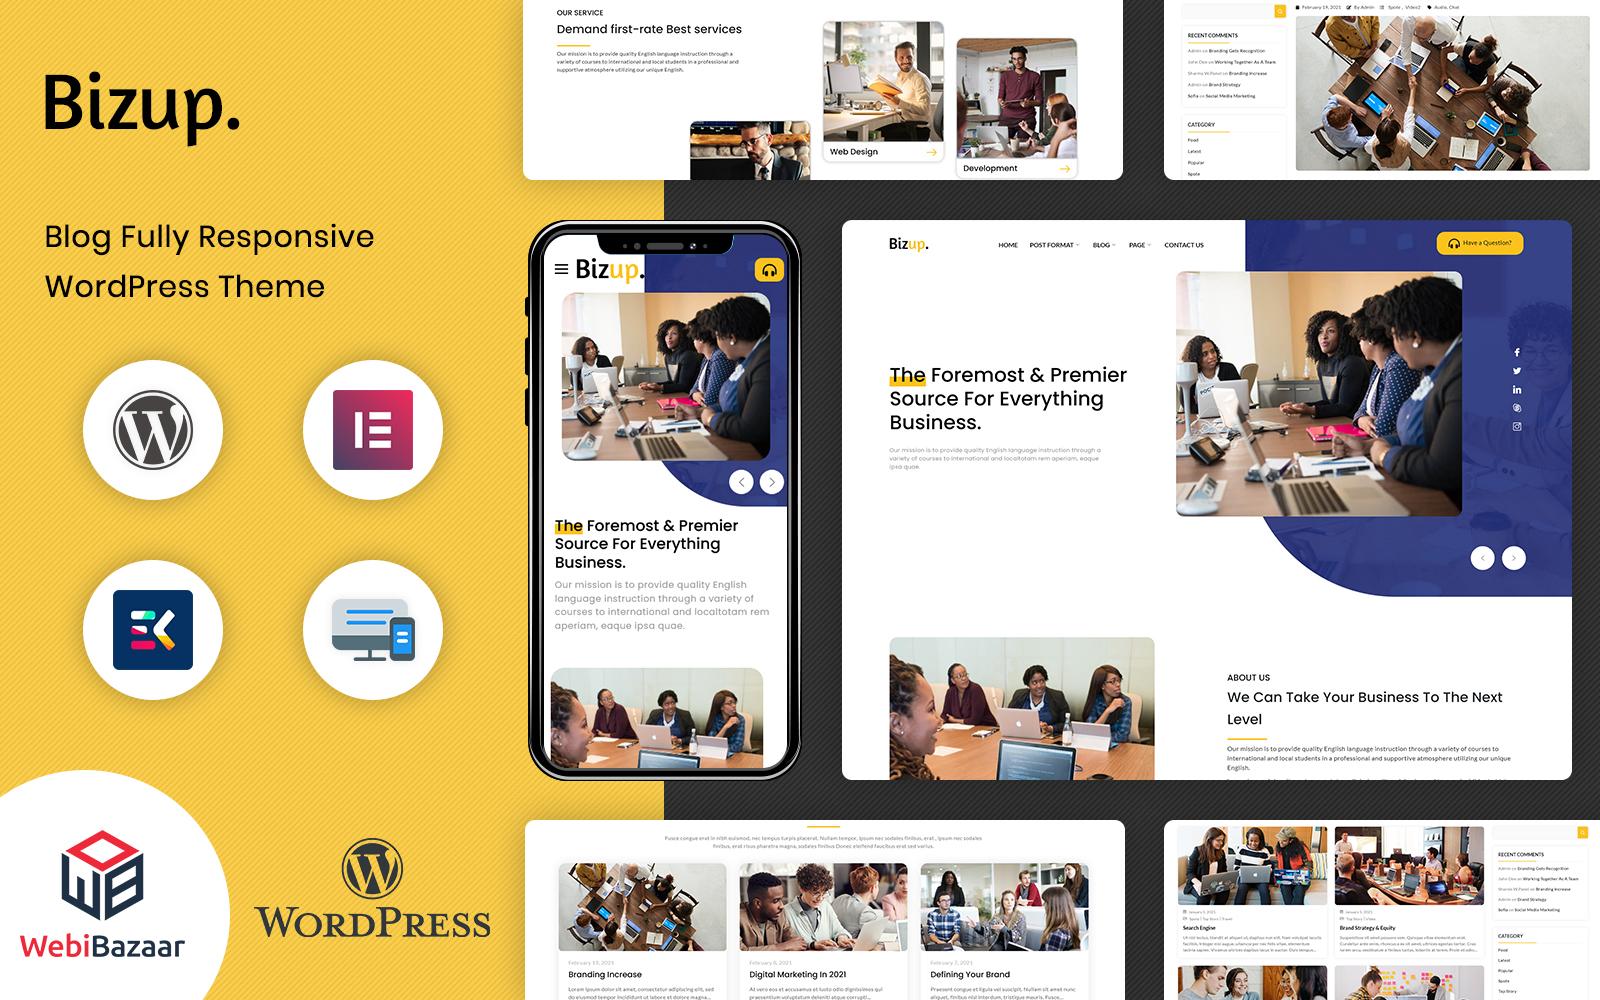 Bizup - Többcélú üzleti tanácsadás Elementor WordPress téma